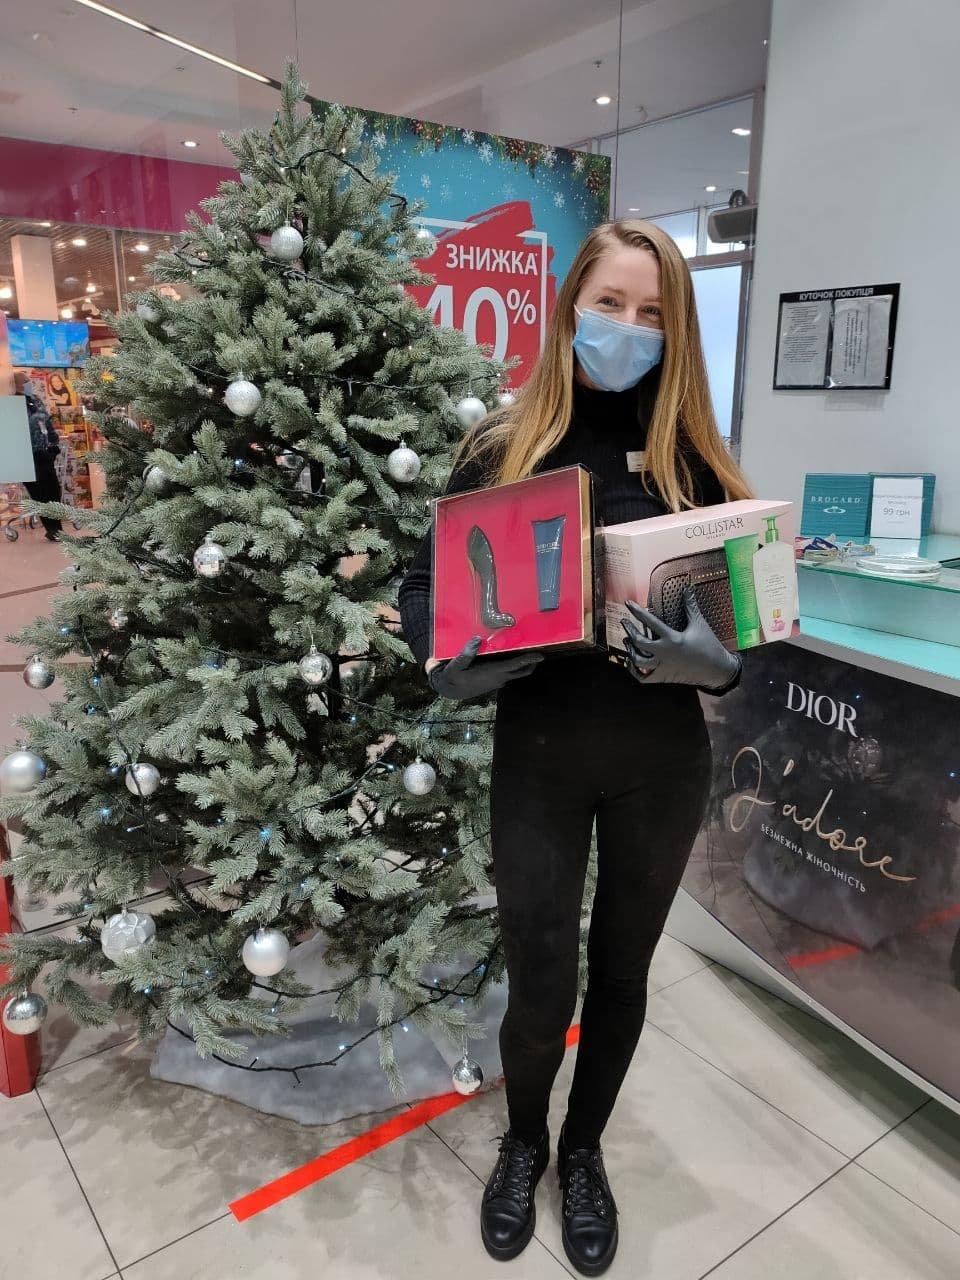 5 лайфхаков к Новому году: как подготовиться к празднику, сделав фото  в ТРК City Mall, фото-36